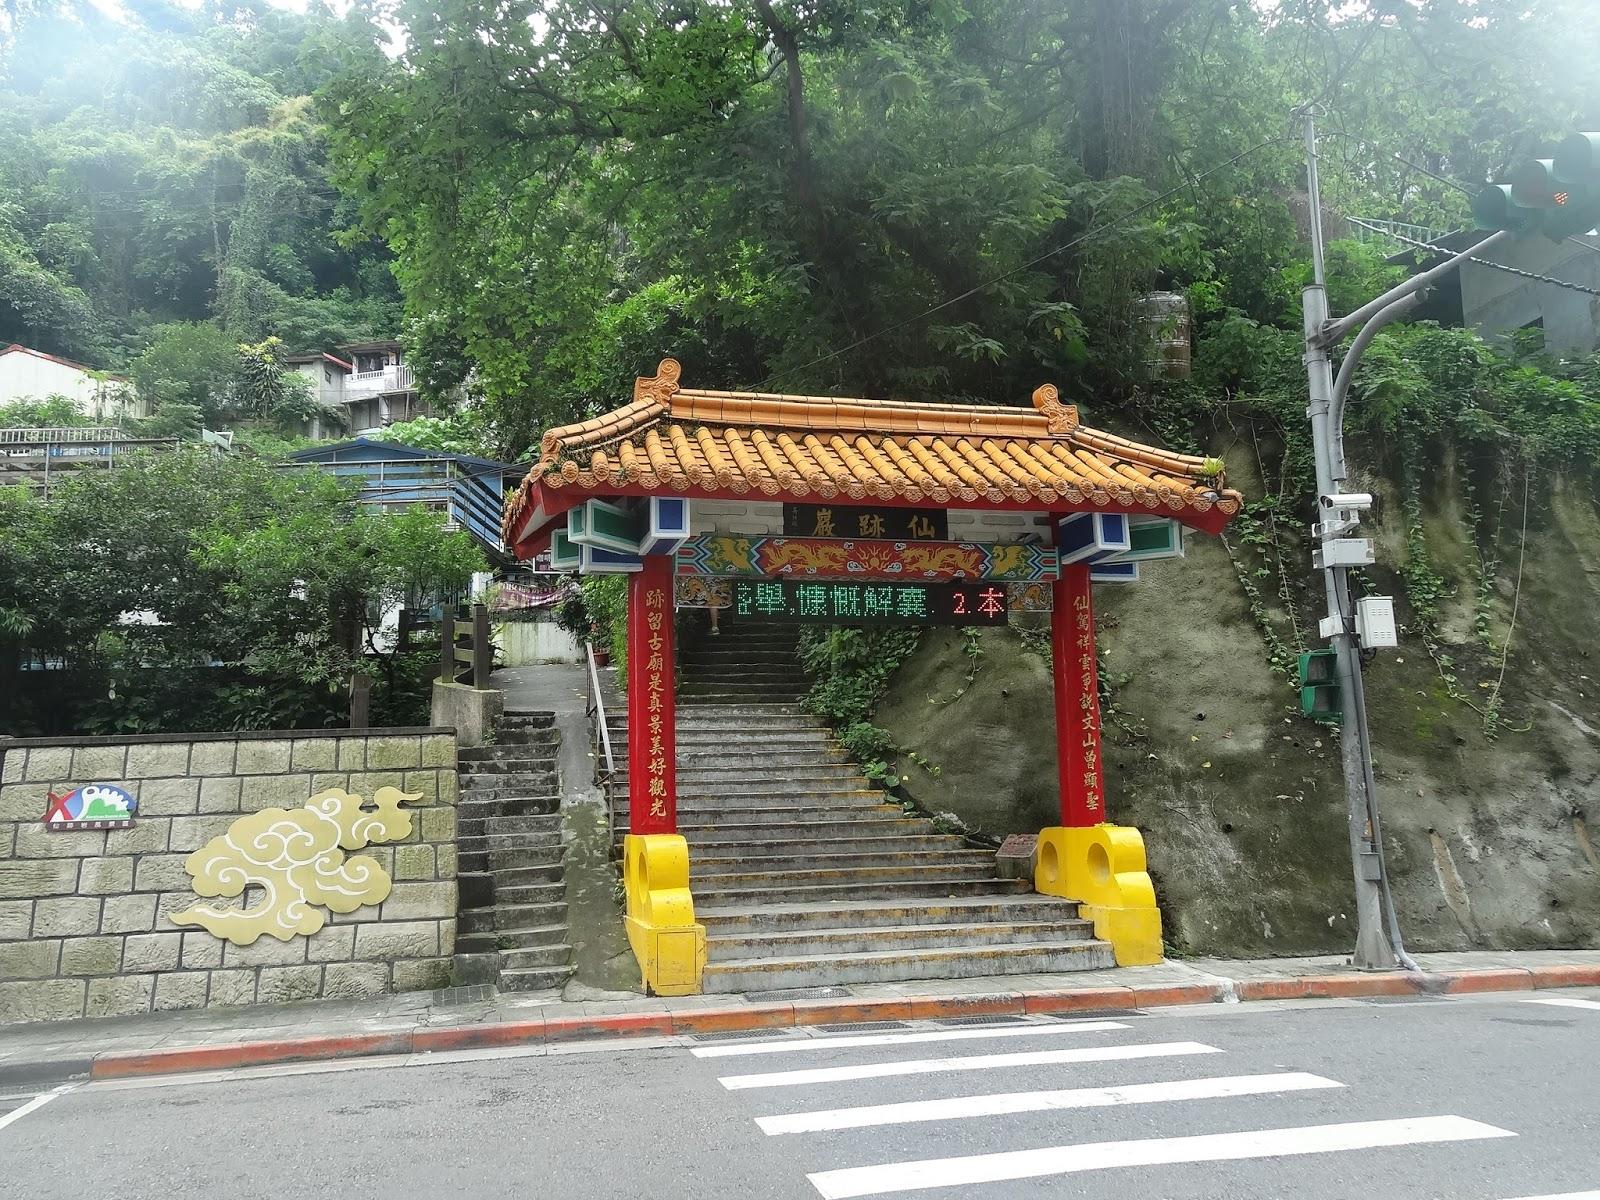 卓光華部落格: 臺北市文山區仙跡巖親山步道-自然生態健康步道